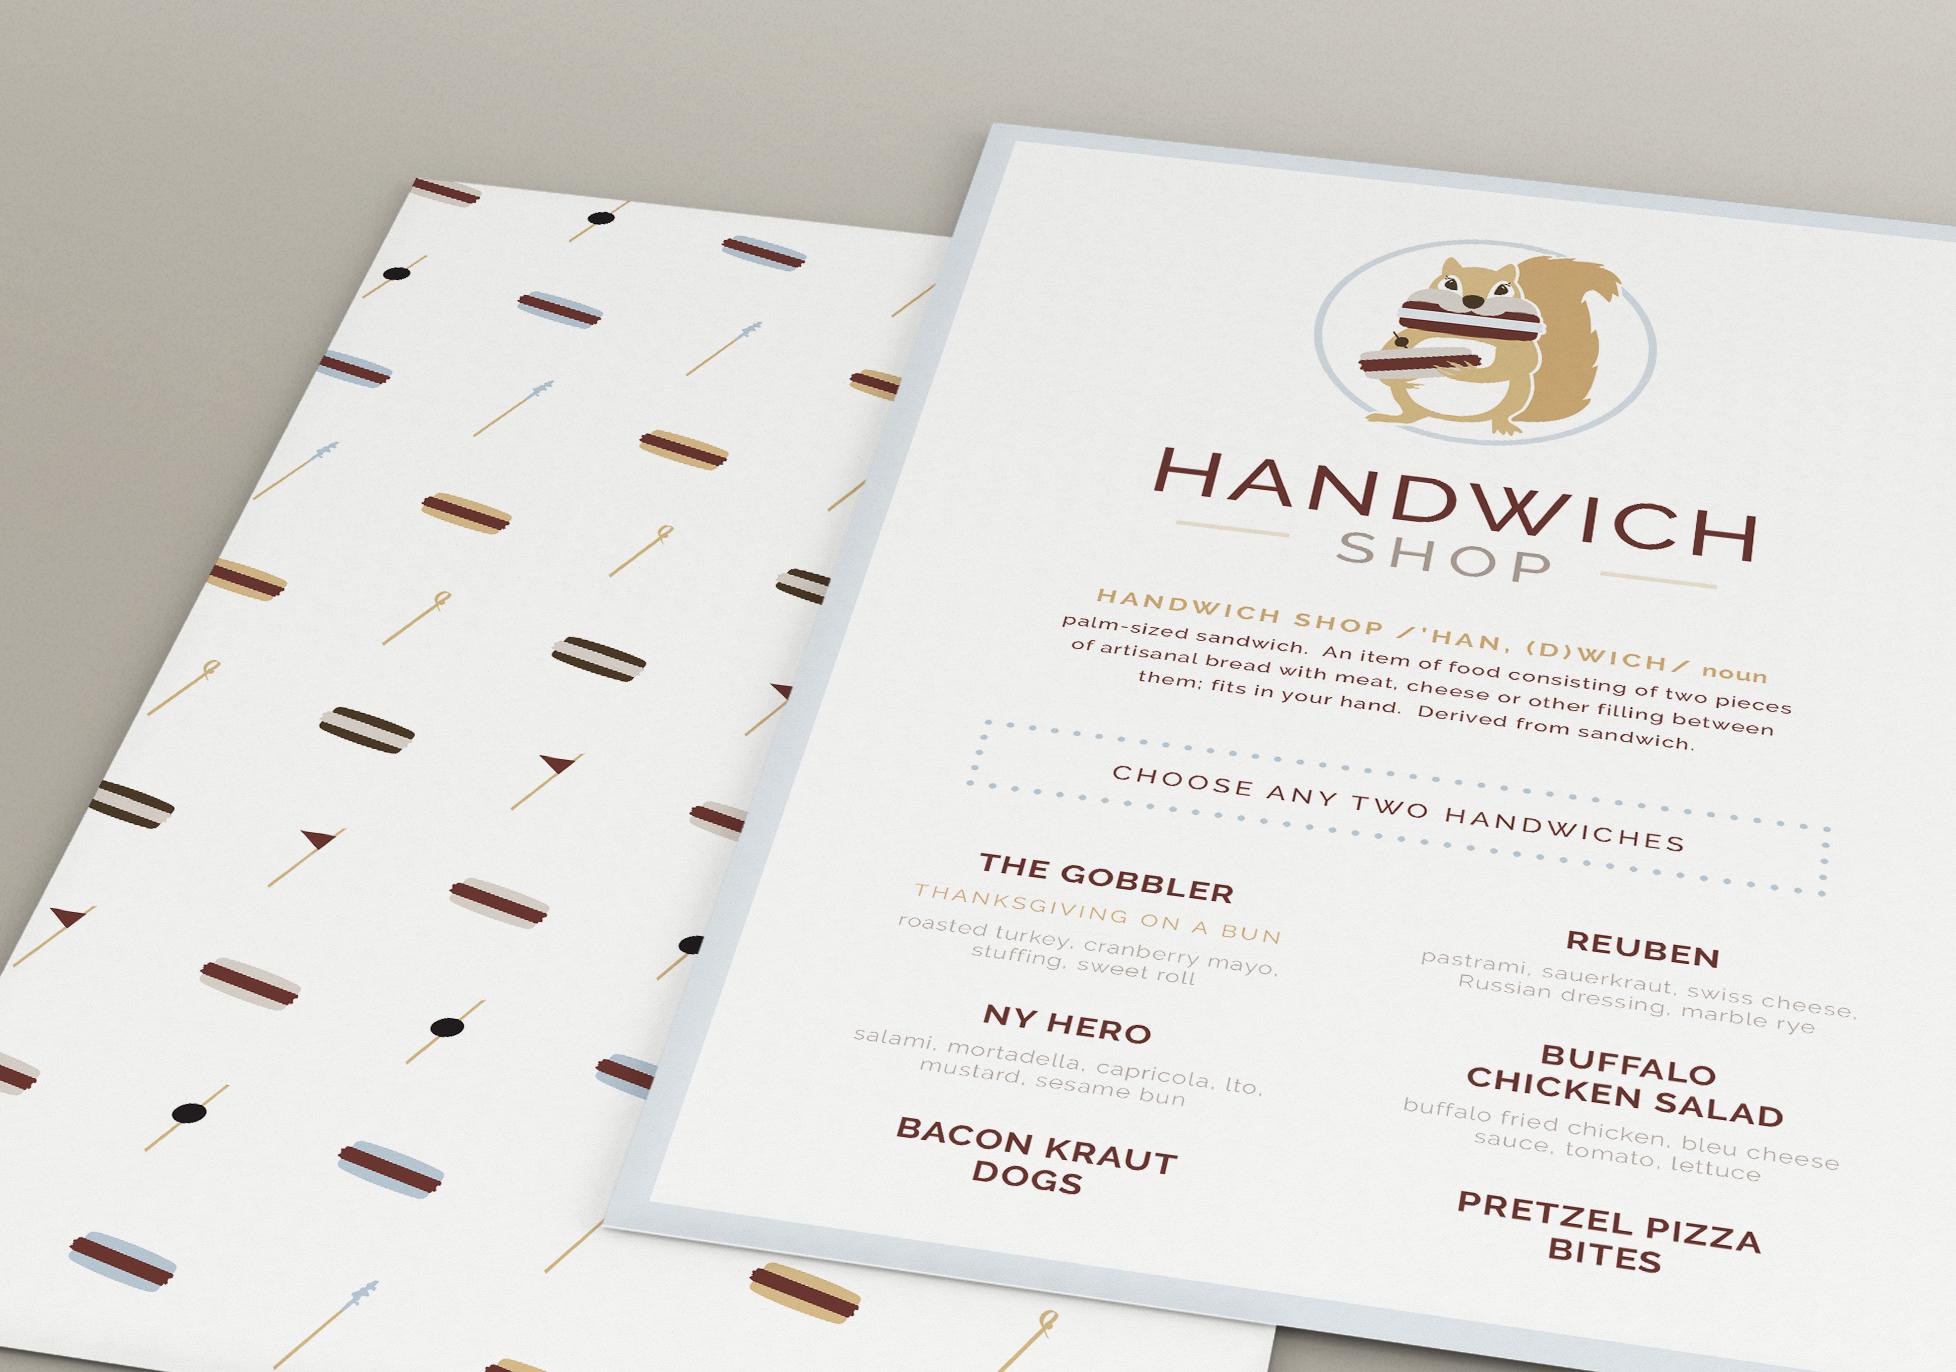 HandwichShortenedMenuPerspective.jpg